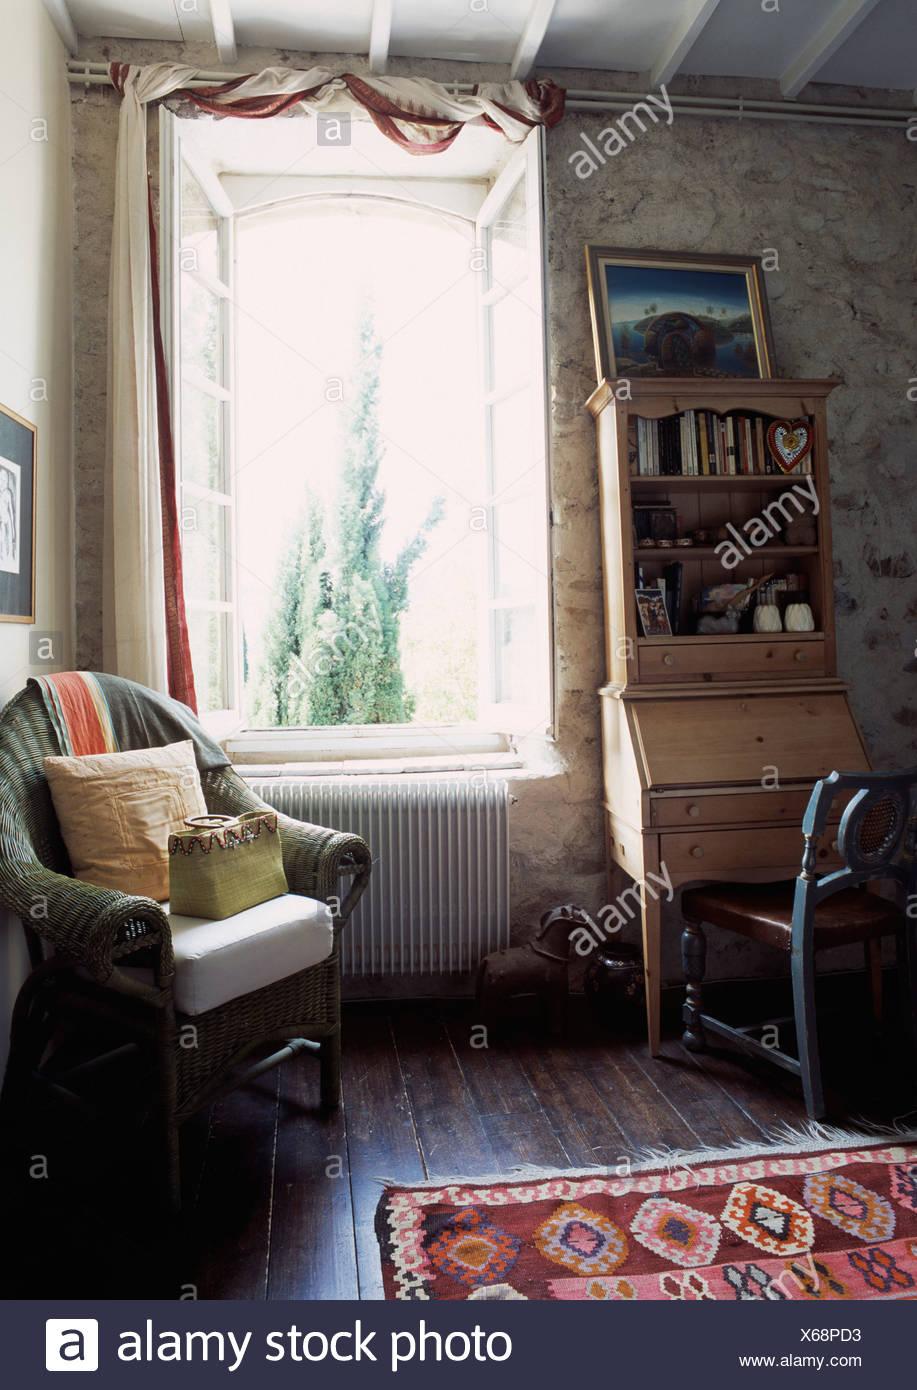 Cuscini in vimini verde sedia accanto alla finestra nel paese ...